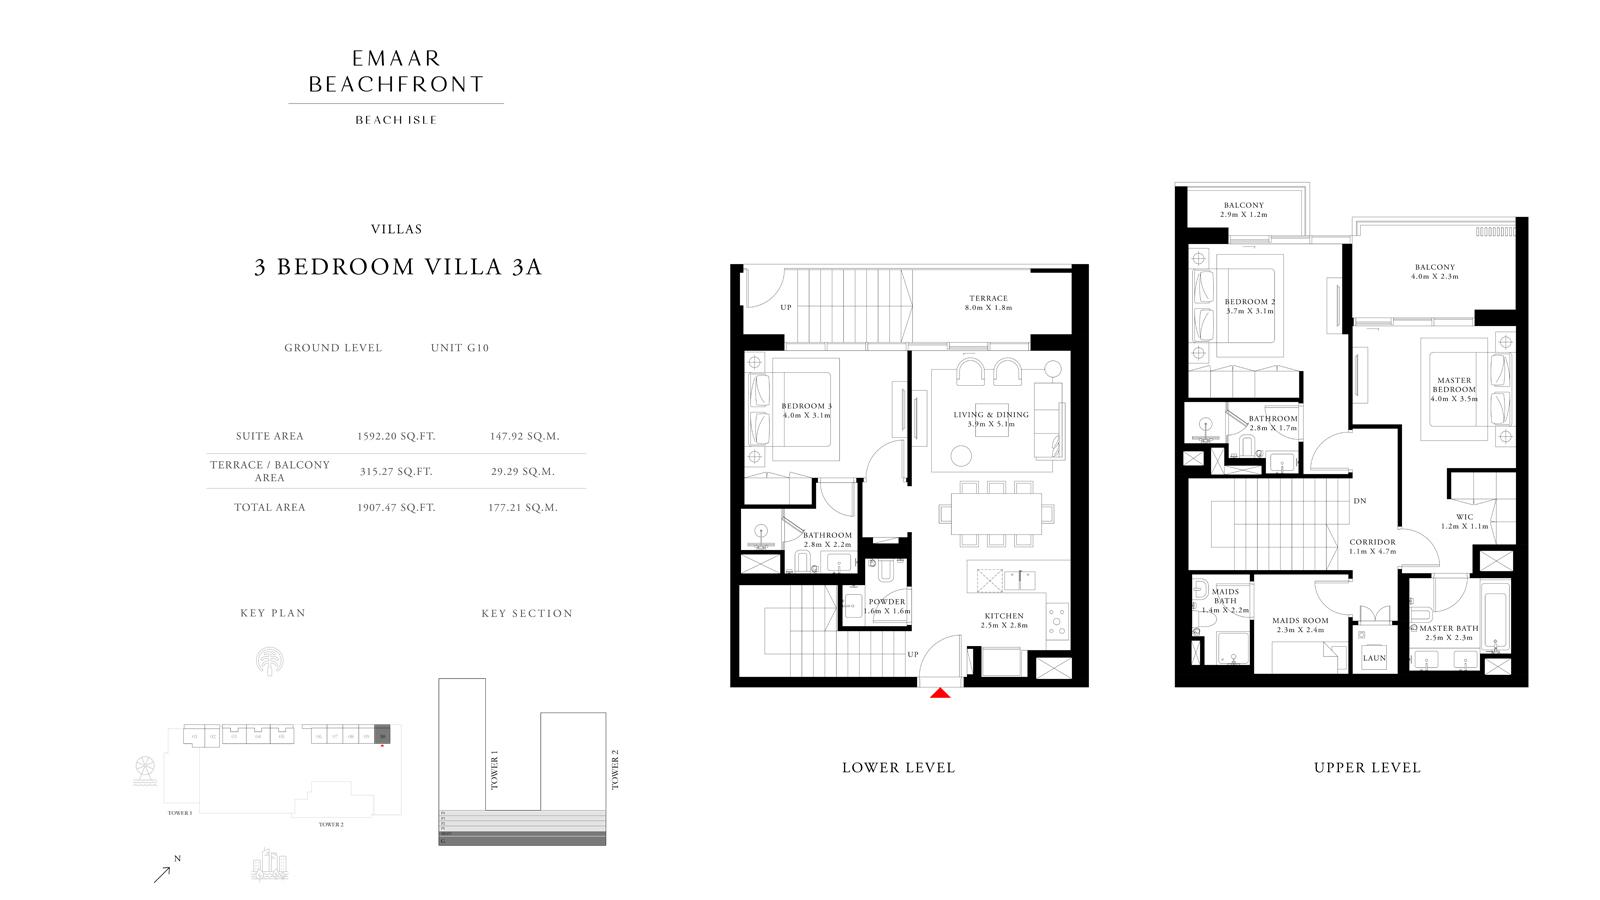 3 Bedroom Villas 3A, Size 1907 sq ft